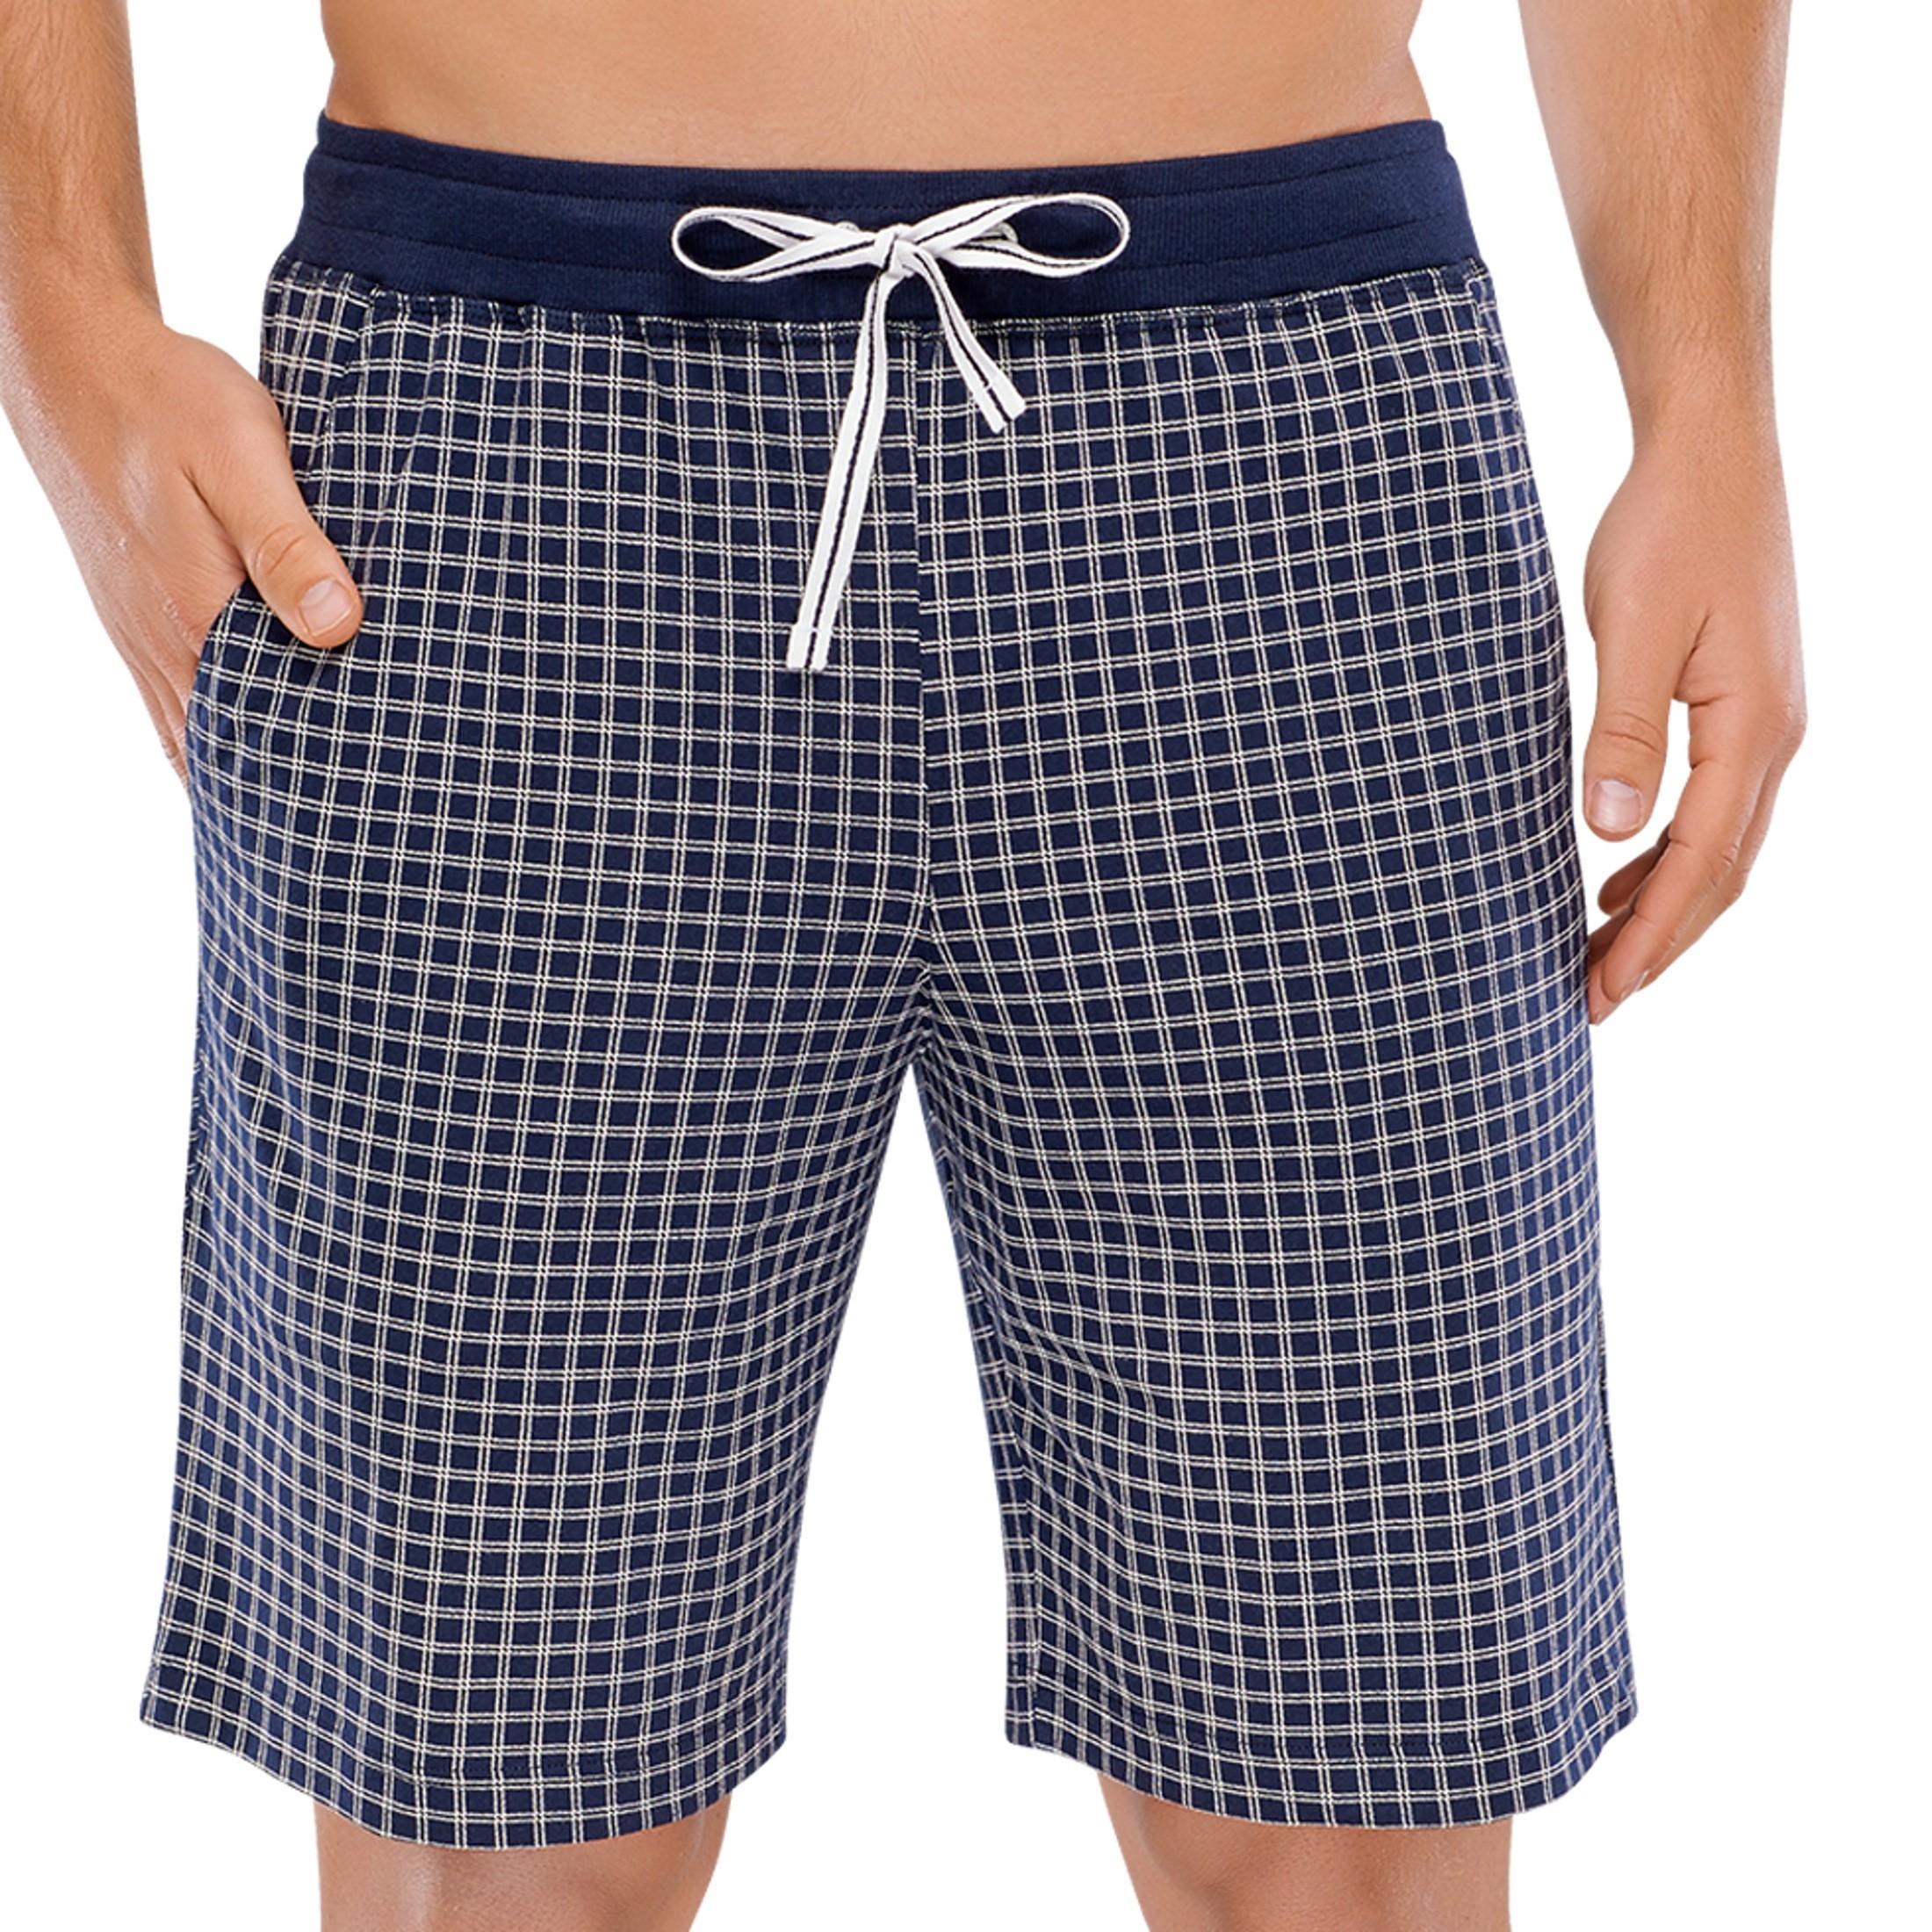 Herren Baumwolle Shorts Reine Taschen Weicher Jersey Bermuda Schiesser Dunkelblau vwn0Nm8